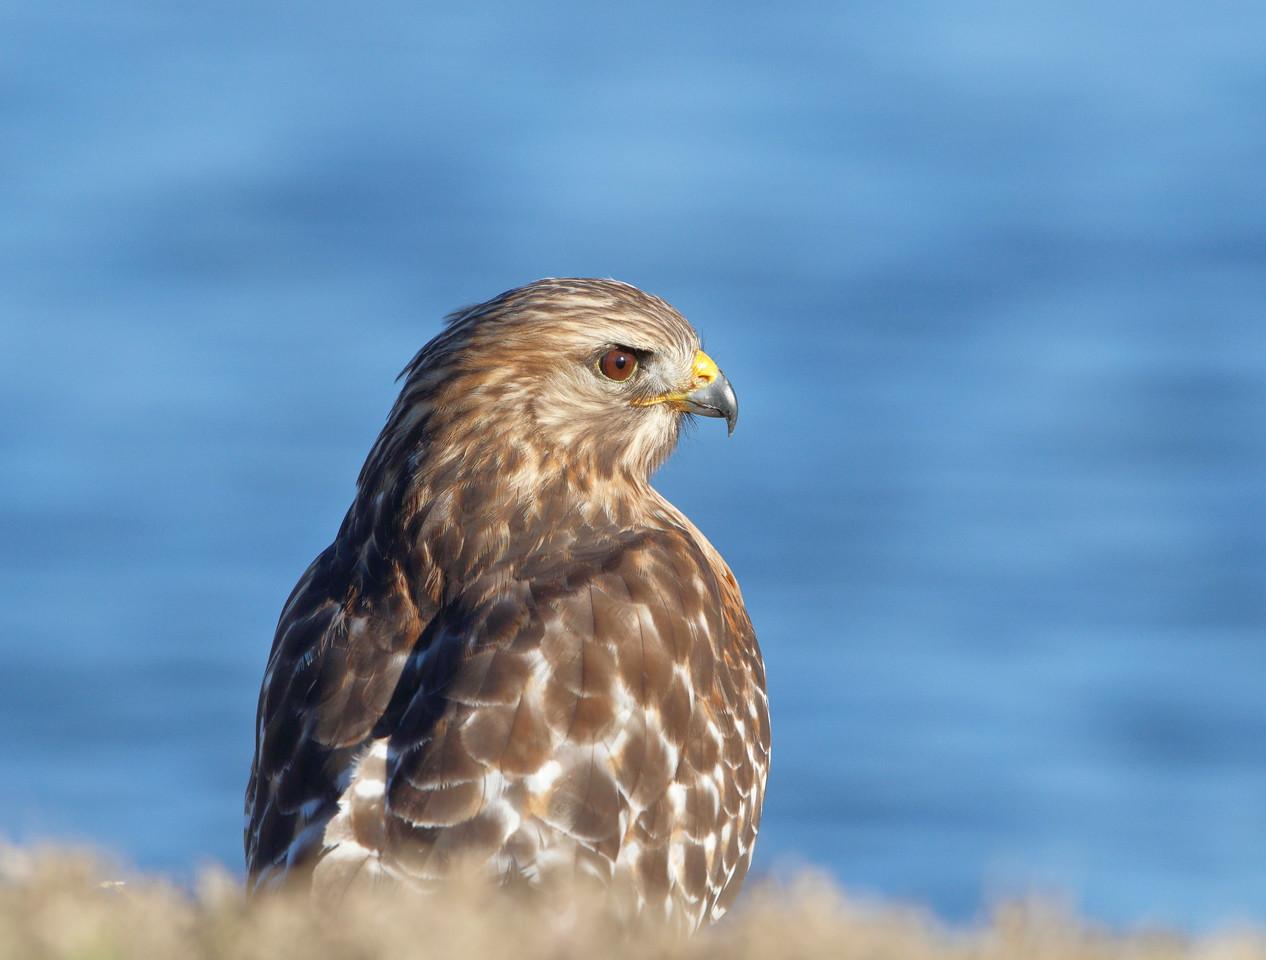 IMAGE: https://photos.smugmug.com/Birds-of-Texas/Redshouldered-Hawk/i-4RnqZ46/0/9e56685b/X2/DK3A9990rsh1-X2.jpg